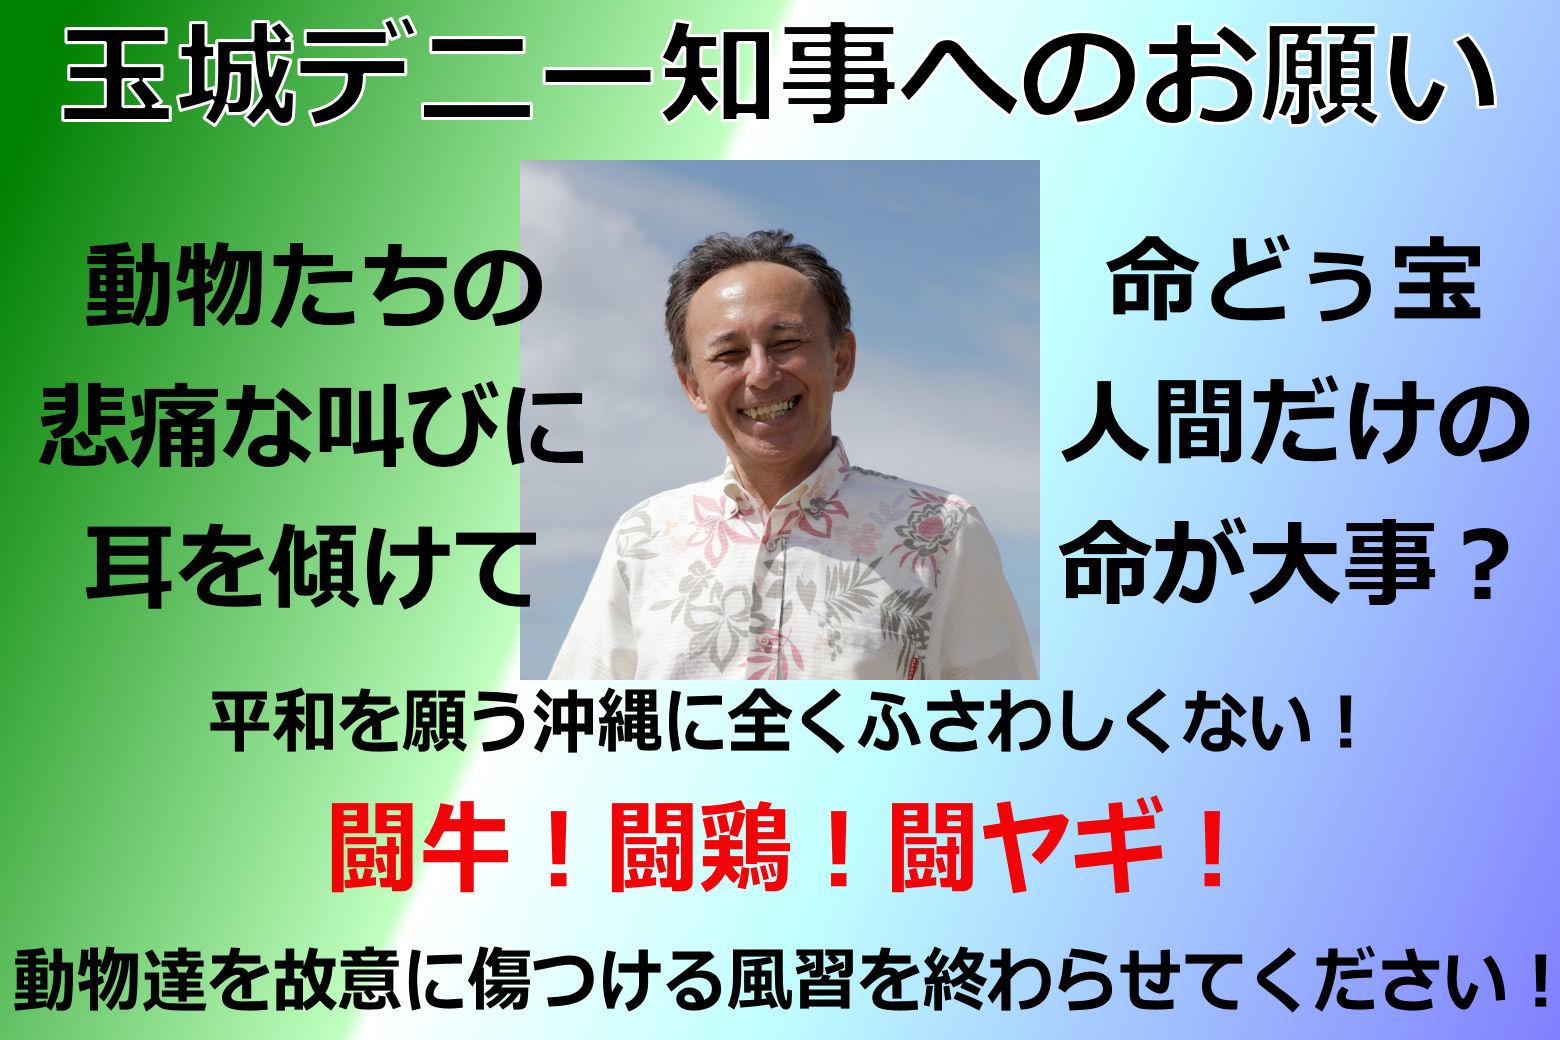 okinawagyakutaihaisi.jpg